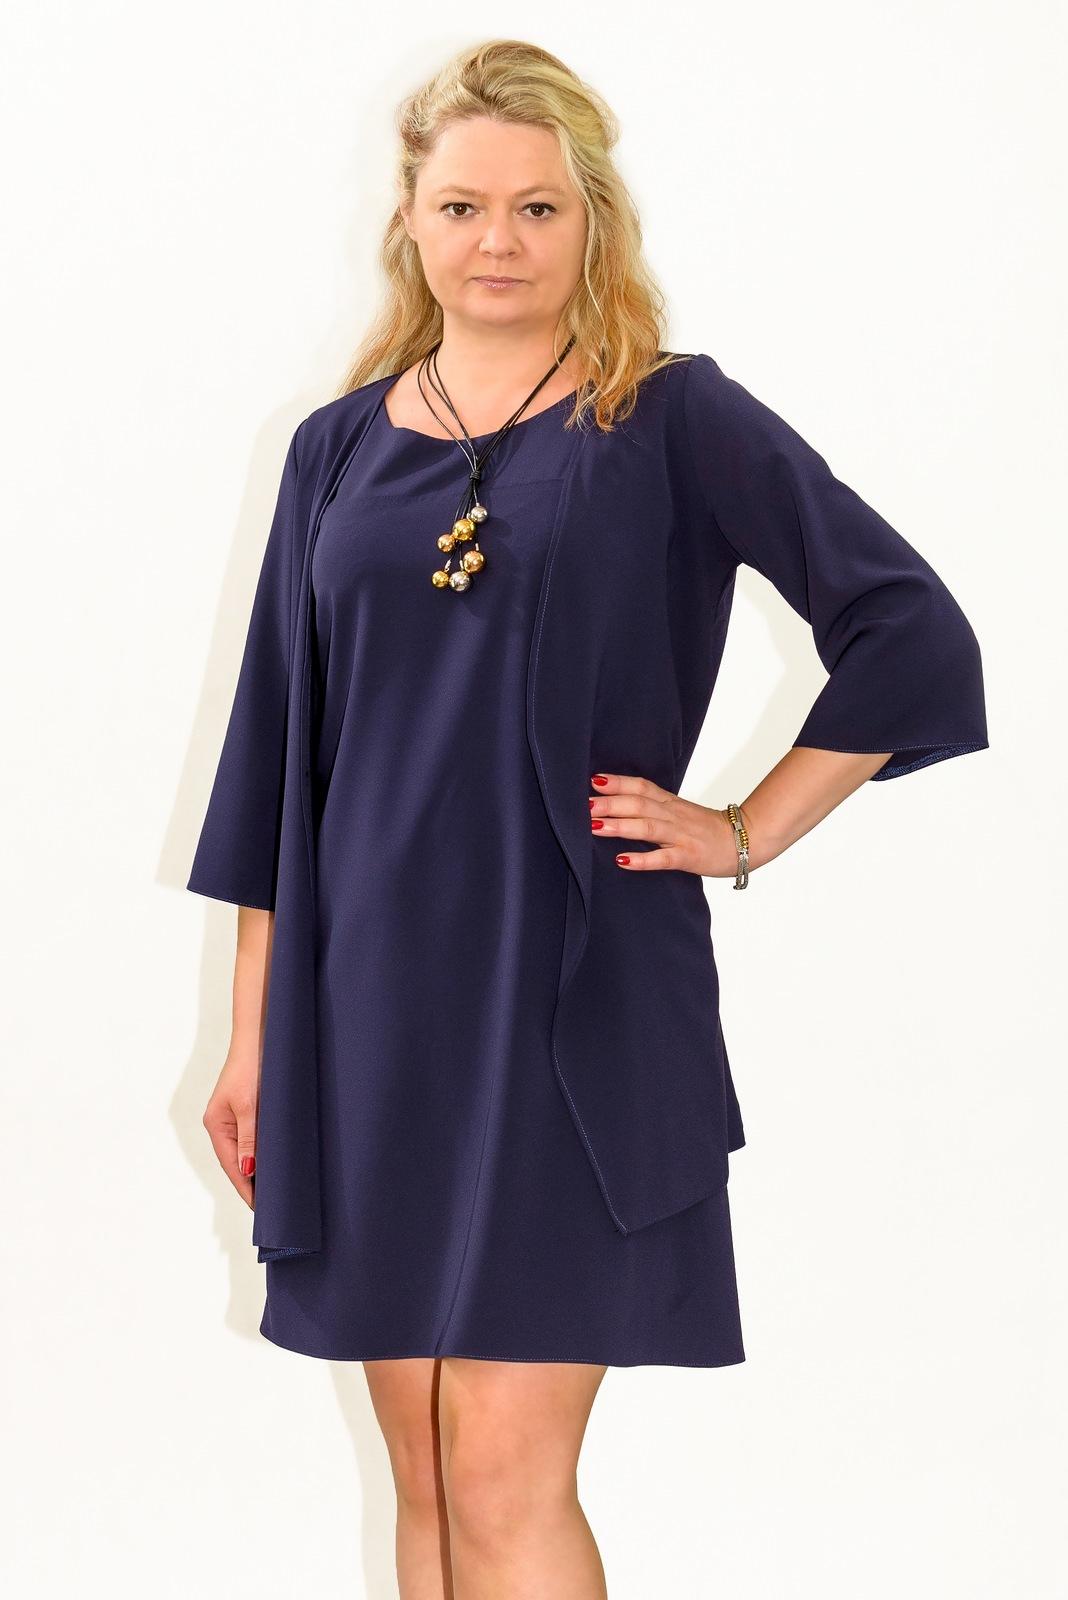 abf0920ead Sukienka plus size r. 50 KOMPLET wesele